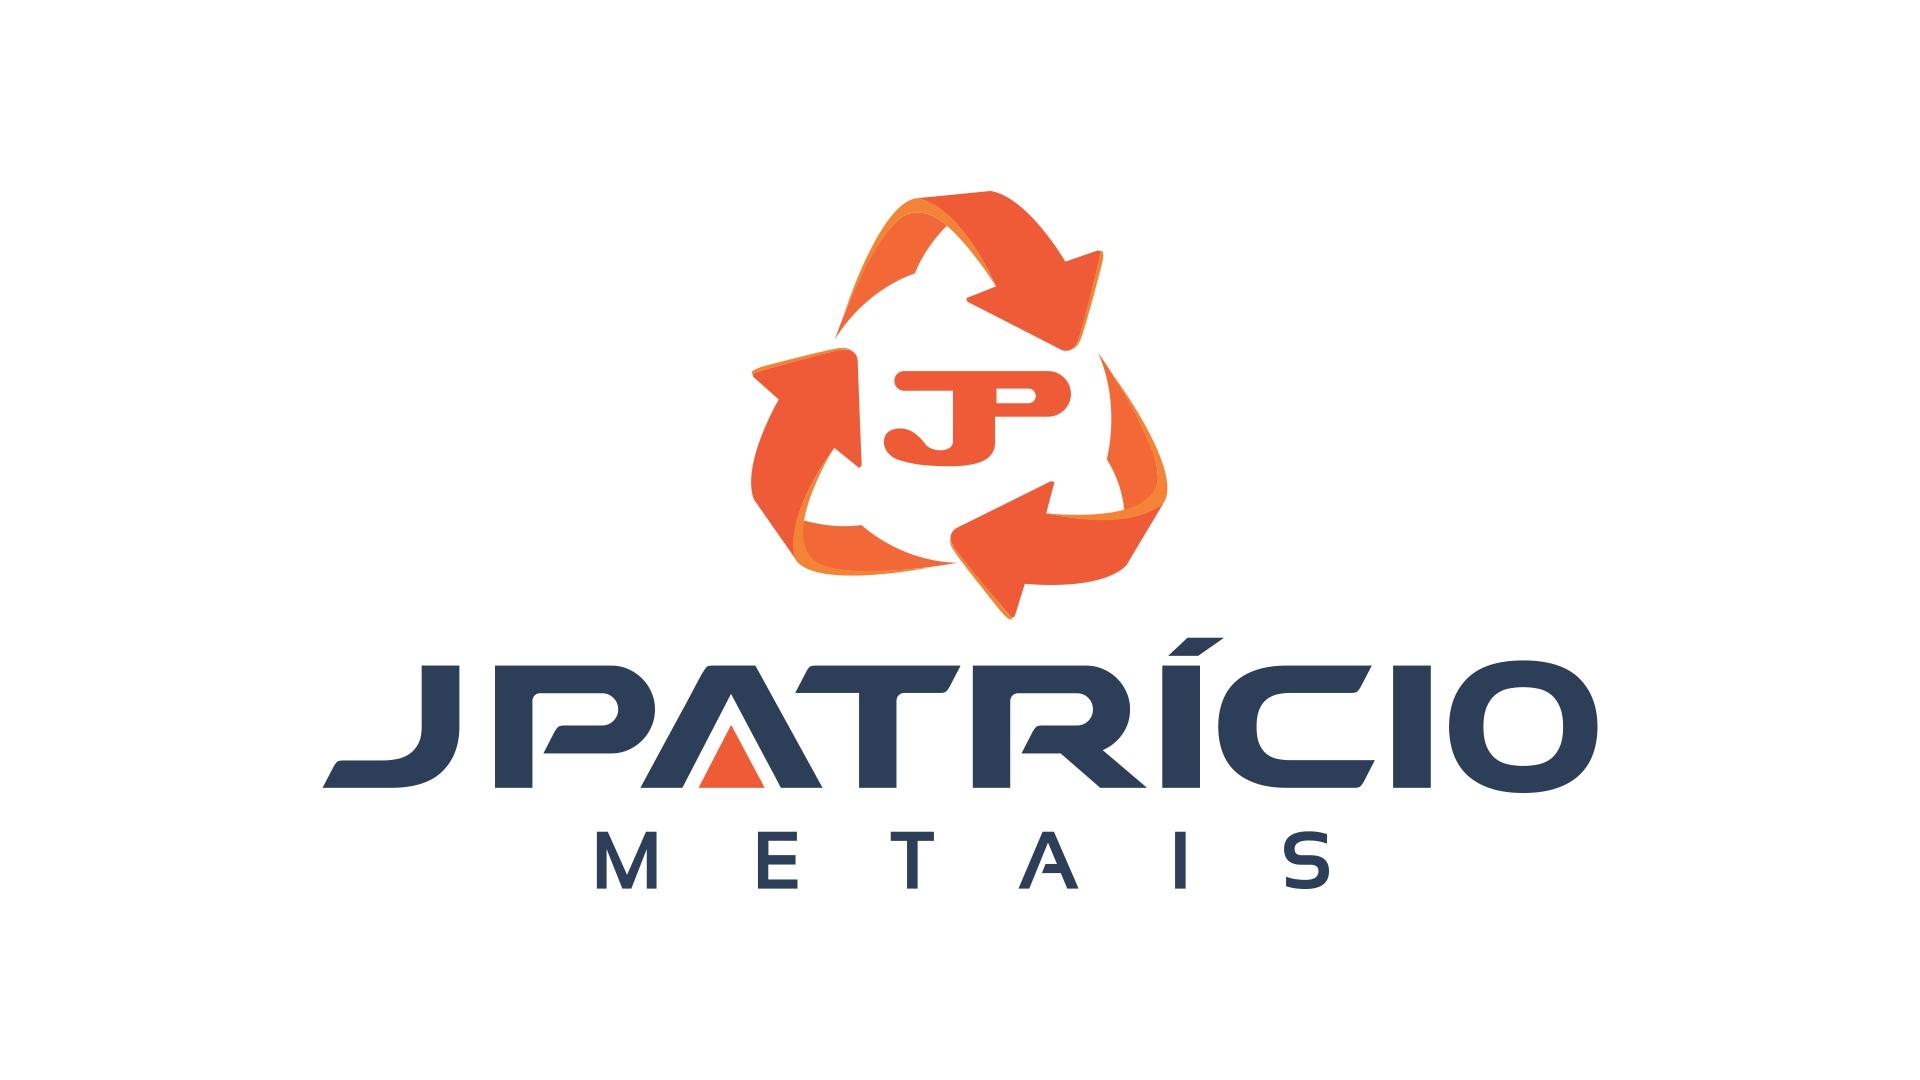 J Patricio Metais